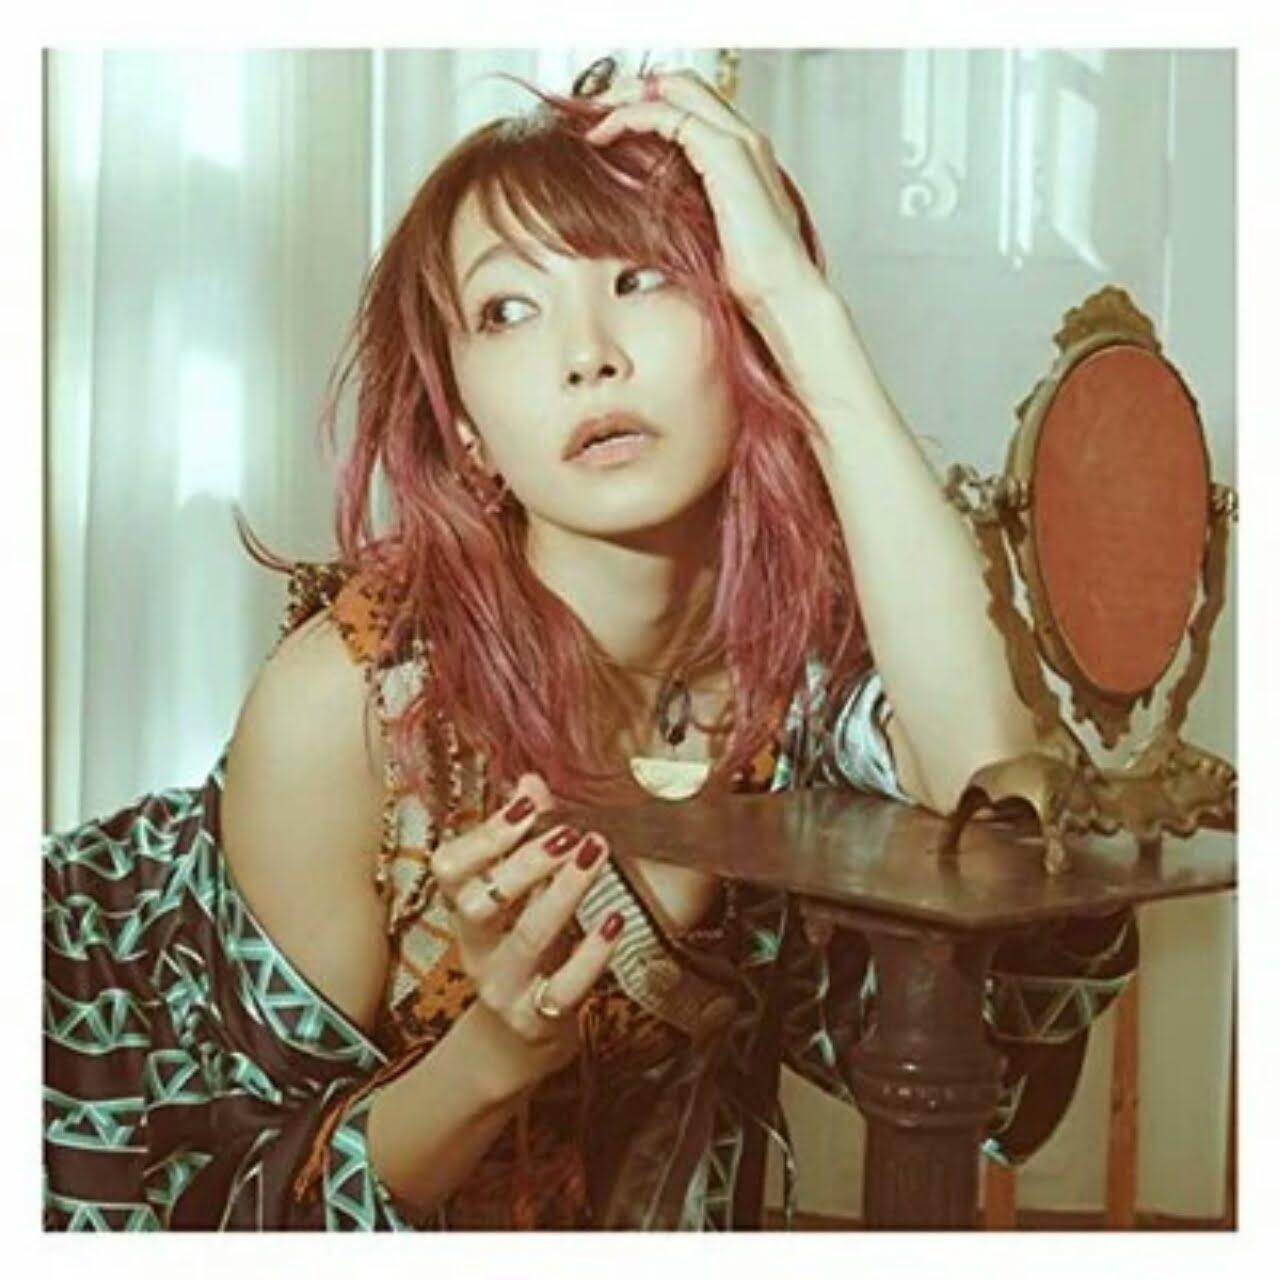 Single Demon Slayer: Kimetsu no Yaiba dari LiSA Menduduki Peringkat 1 Dalam Grafik Single Digital Mingguan Oricon Selama 2 Minggu Berturut-Turut Lagi 1